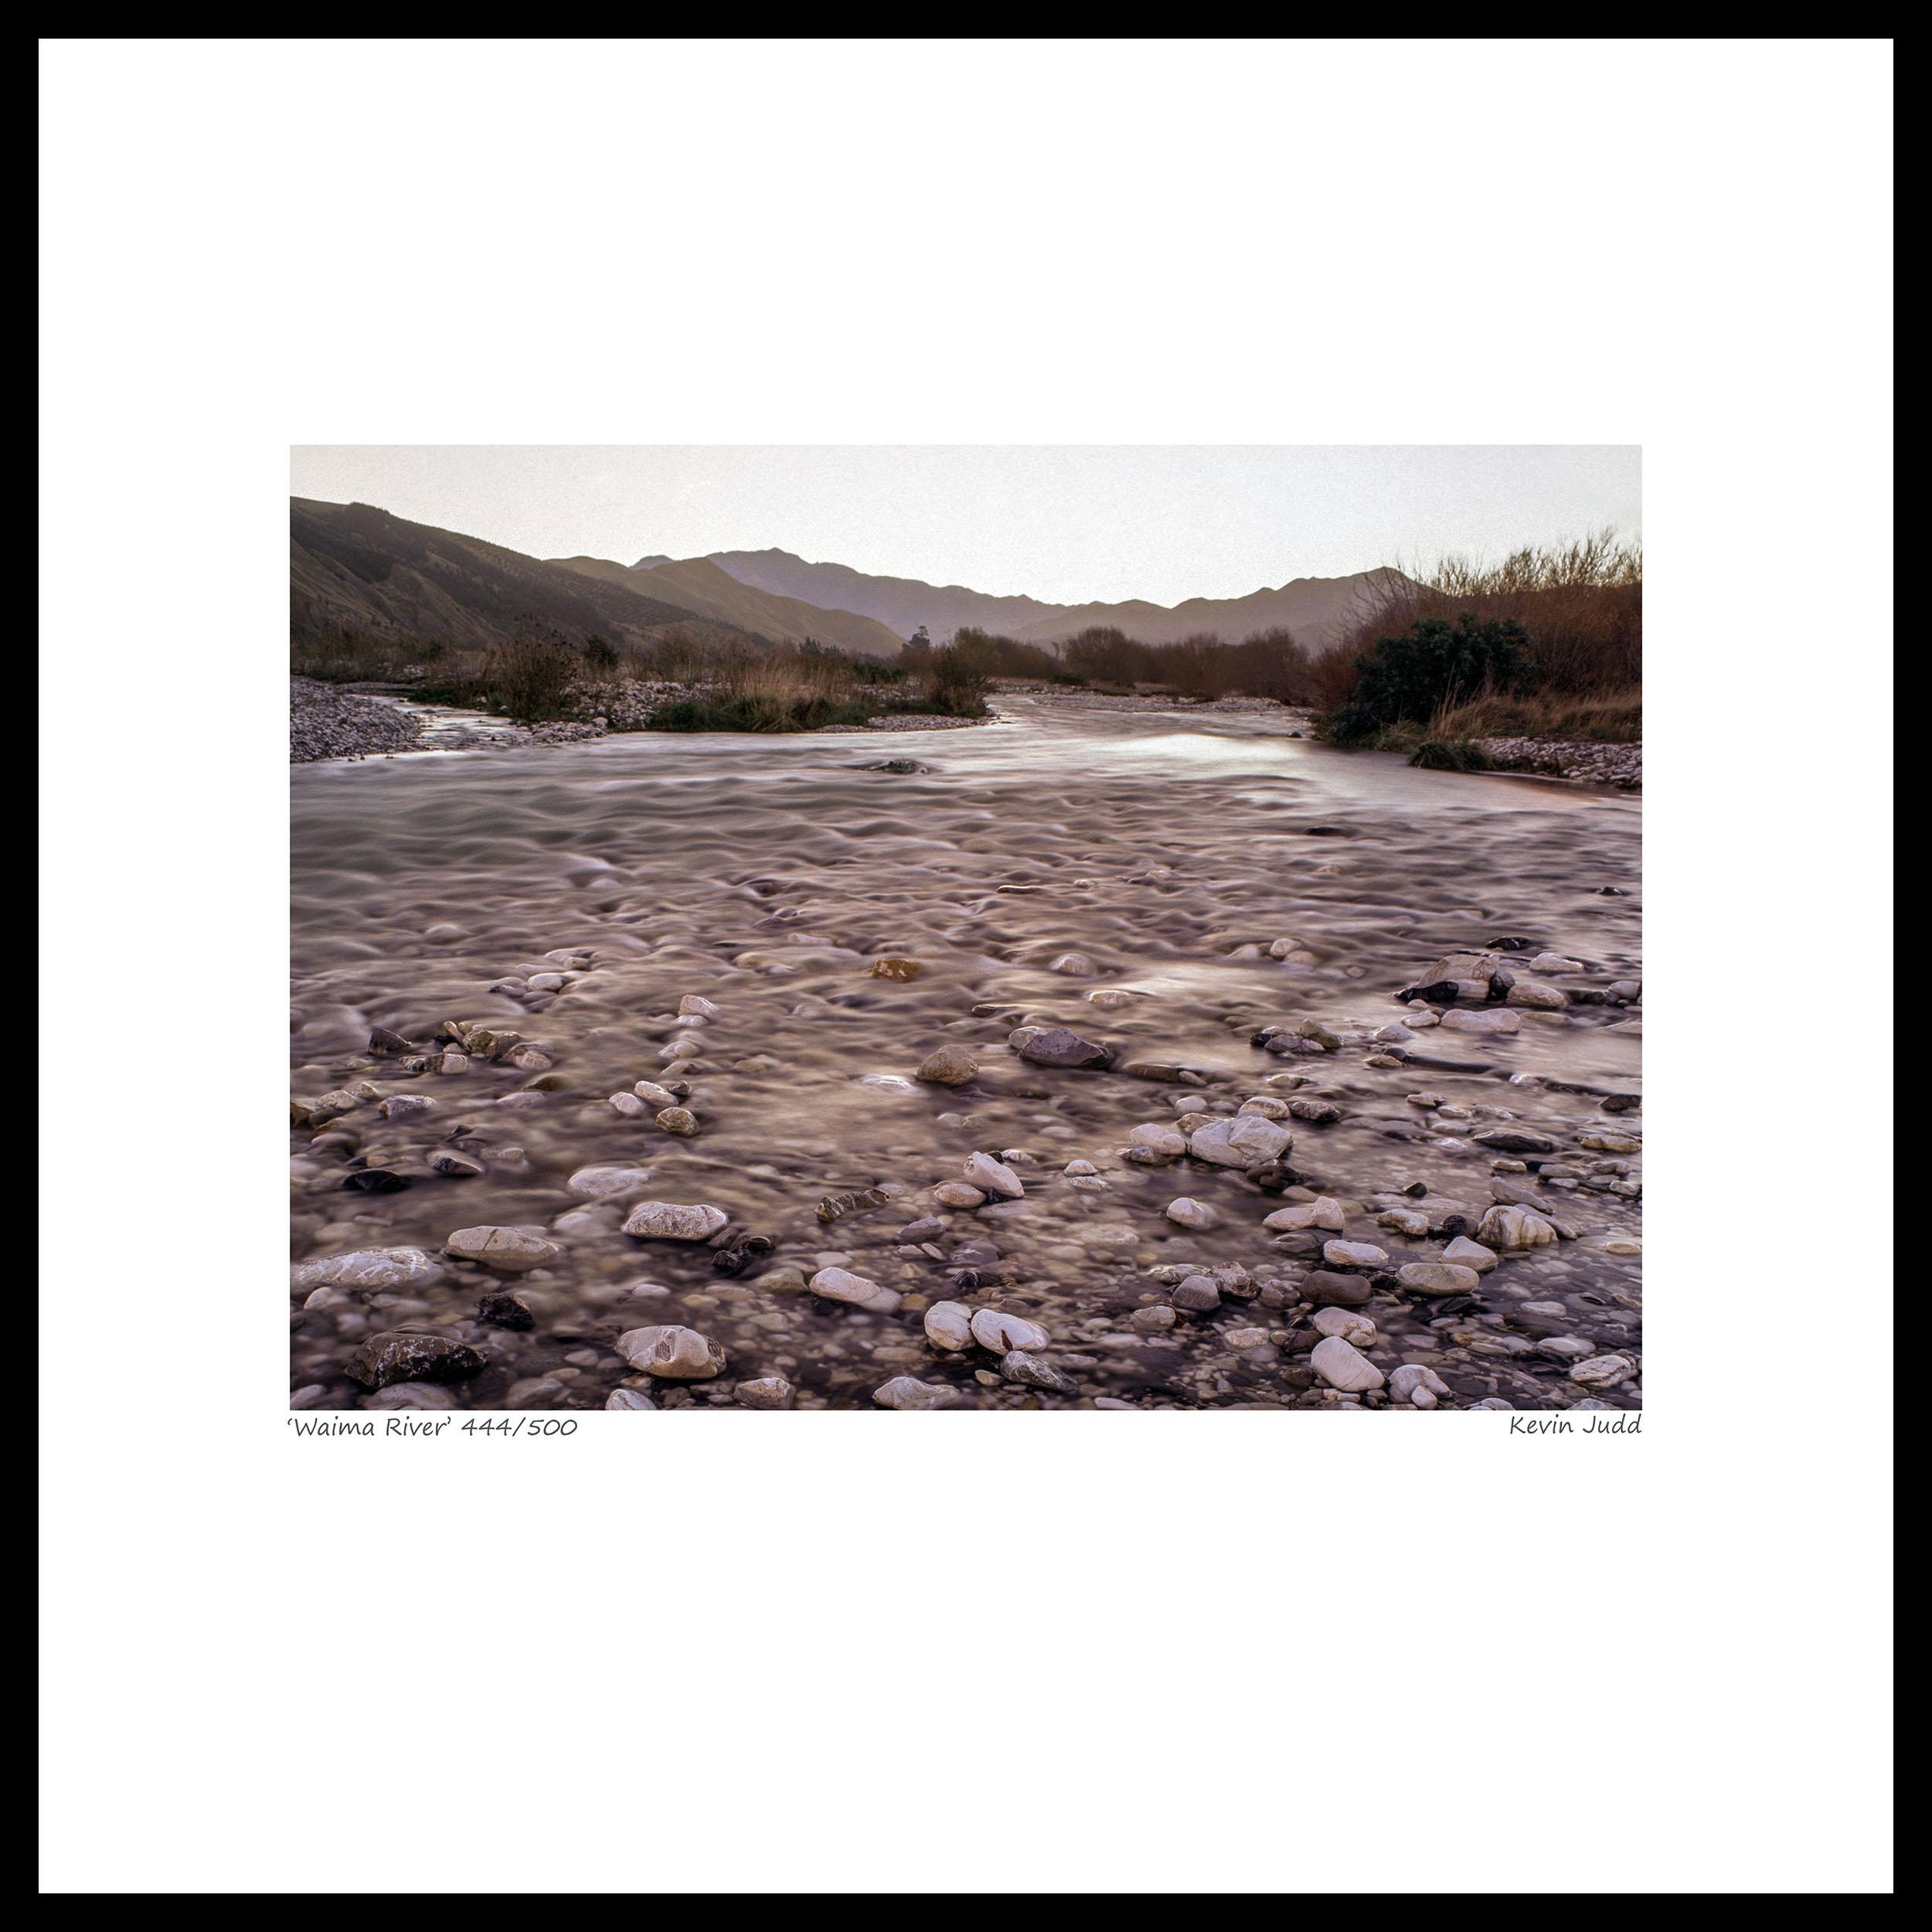 028 Waima River